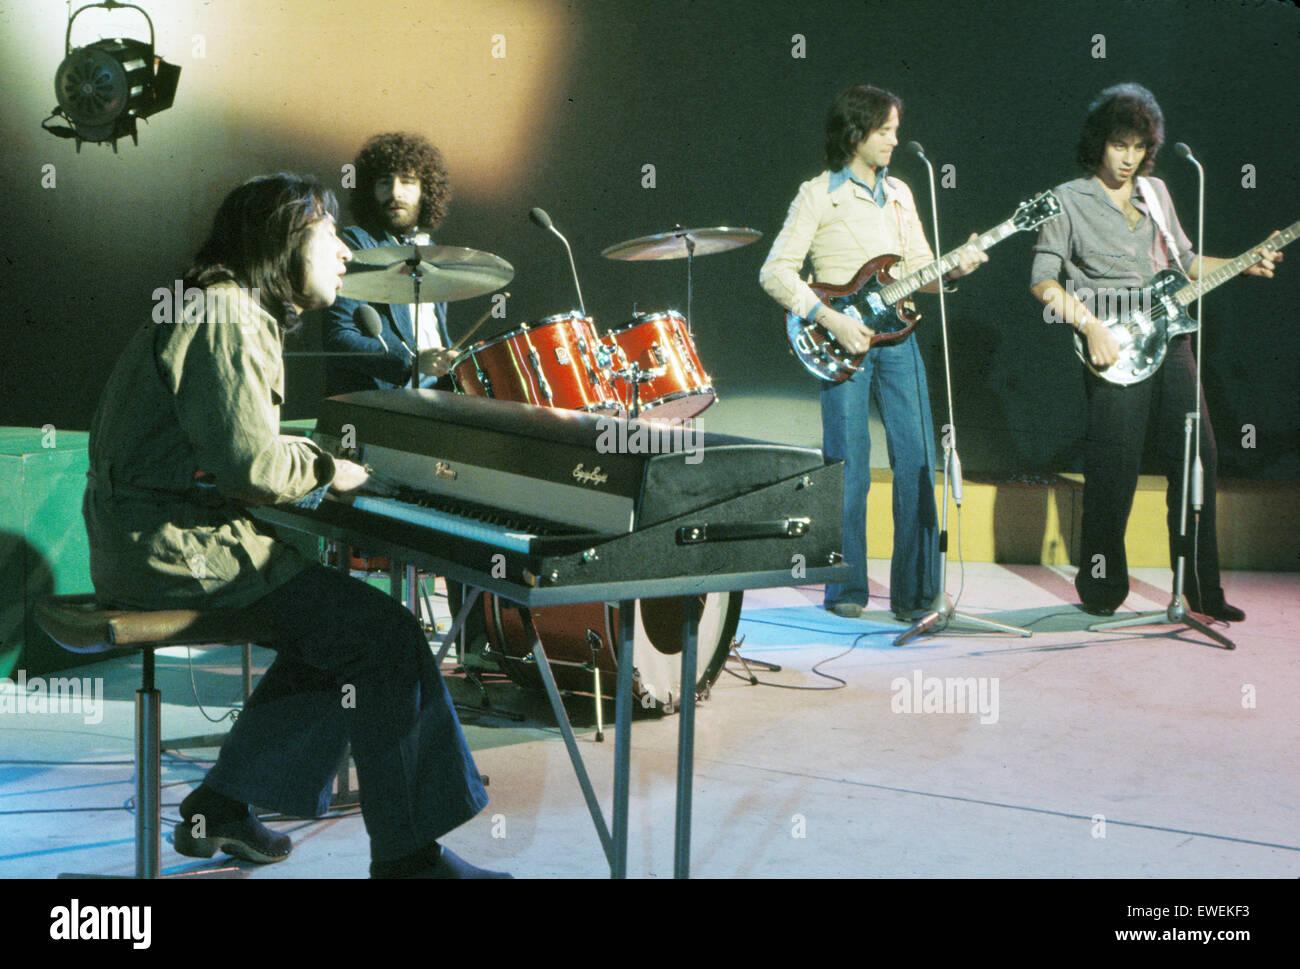 10 CC italiano del gruppo rock nel 1975. Immagini Stock